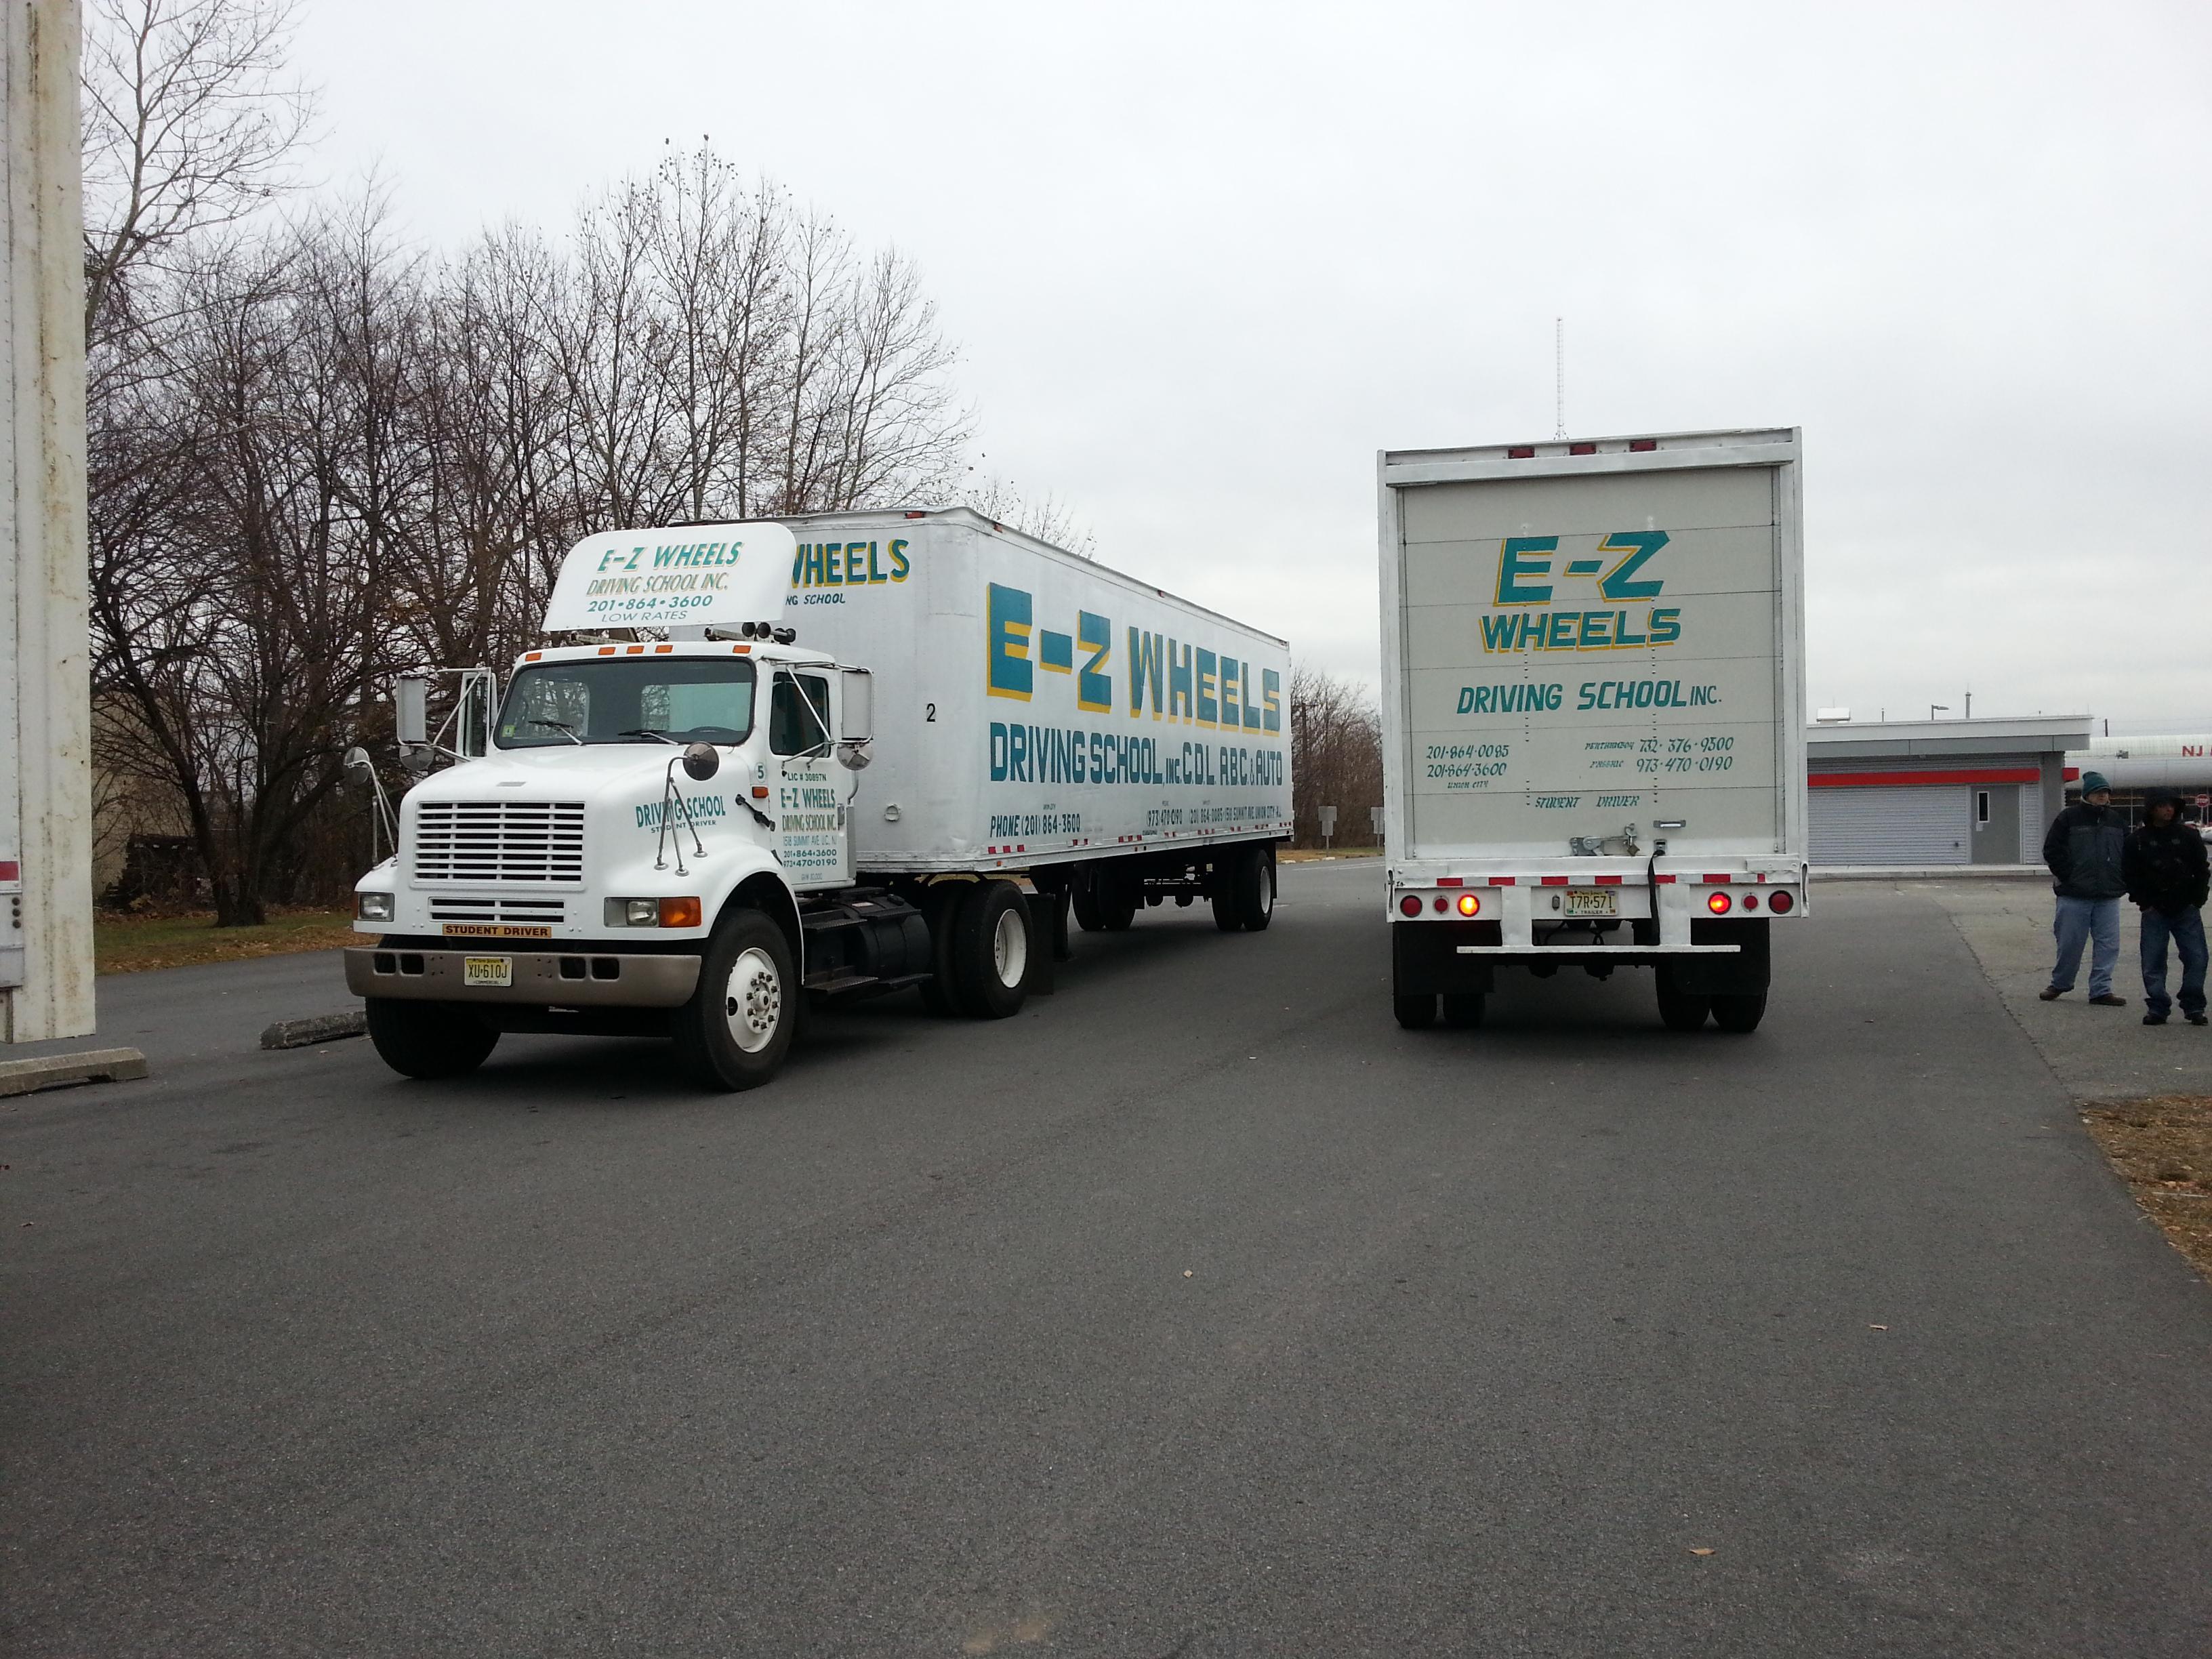 E-Z Wheels Driving School